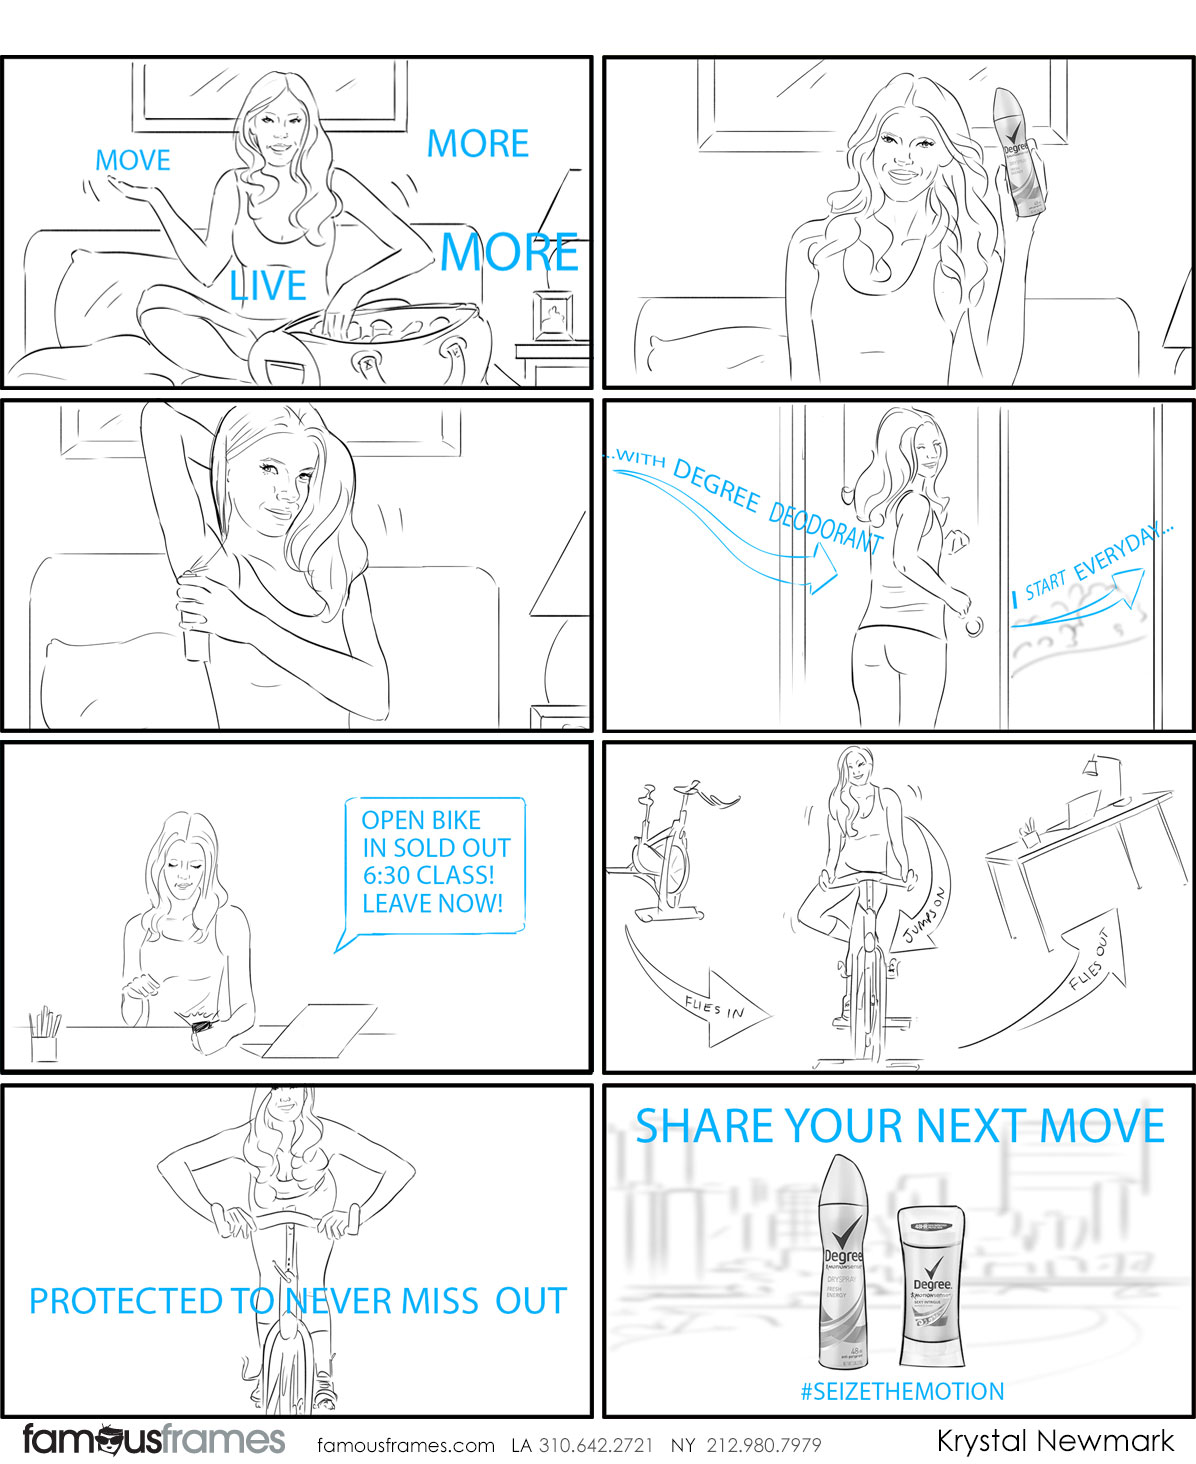 Krystal Newmark's People - B&W Line storyboard art (Image #5666_114_1507847966)